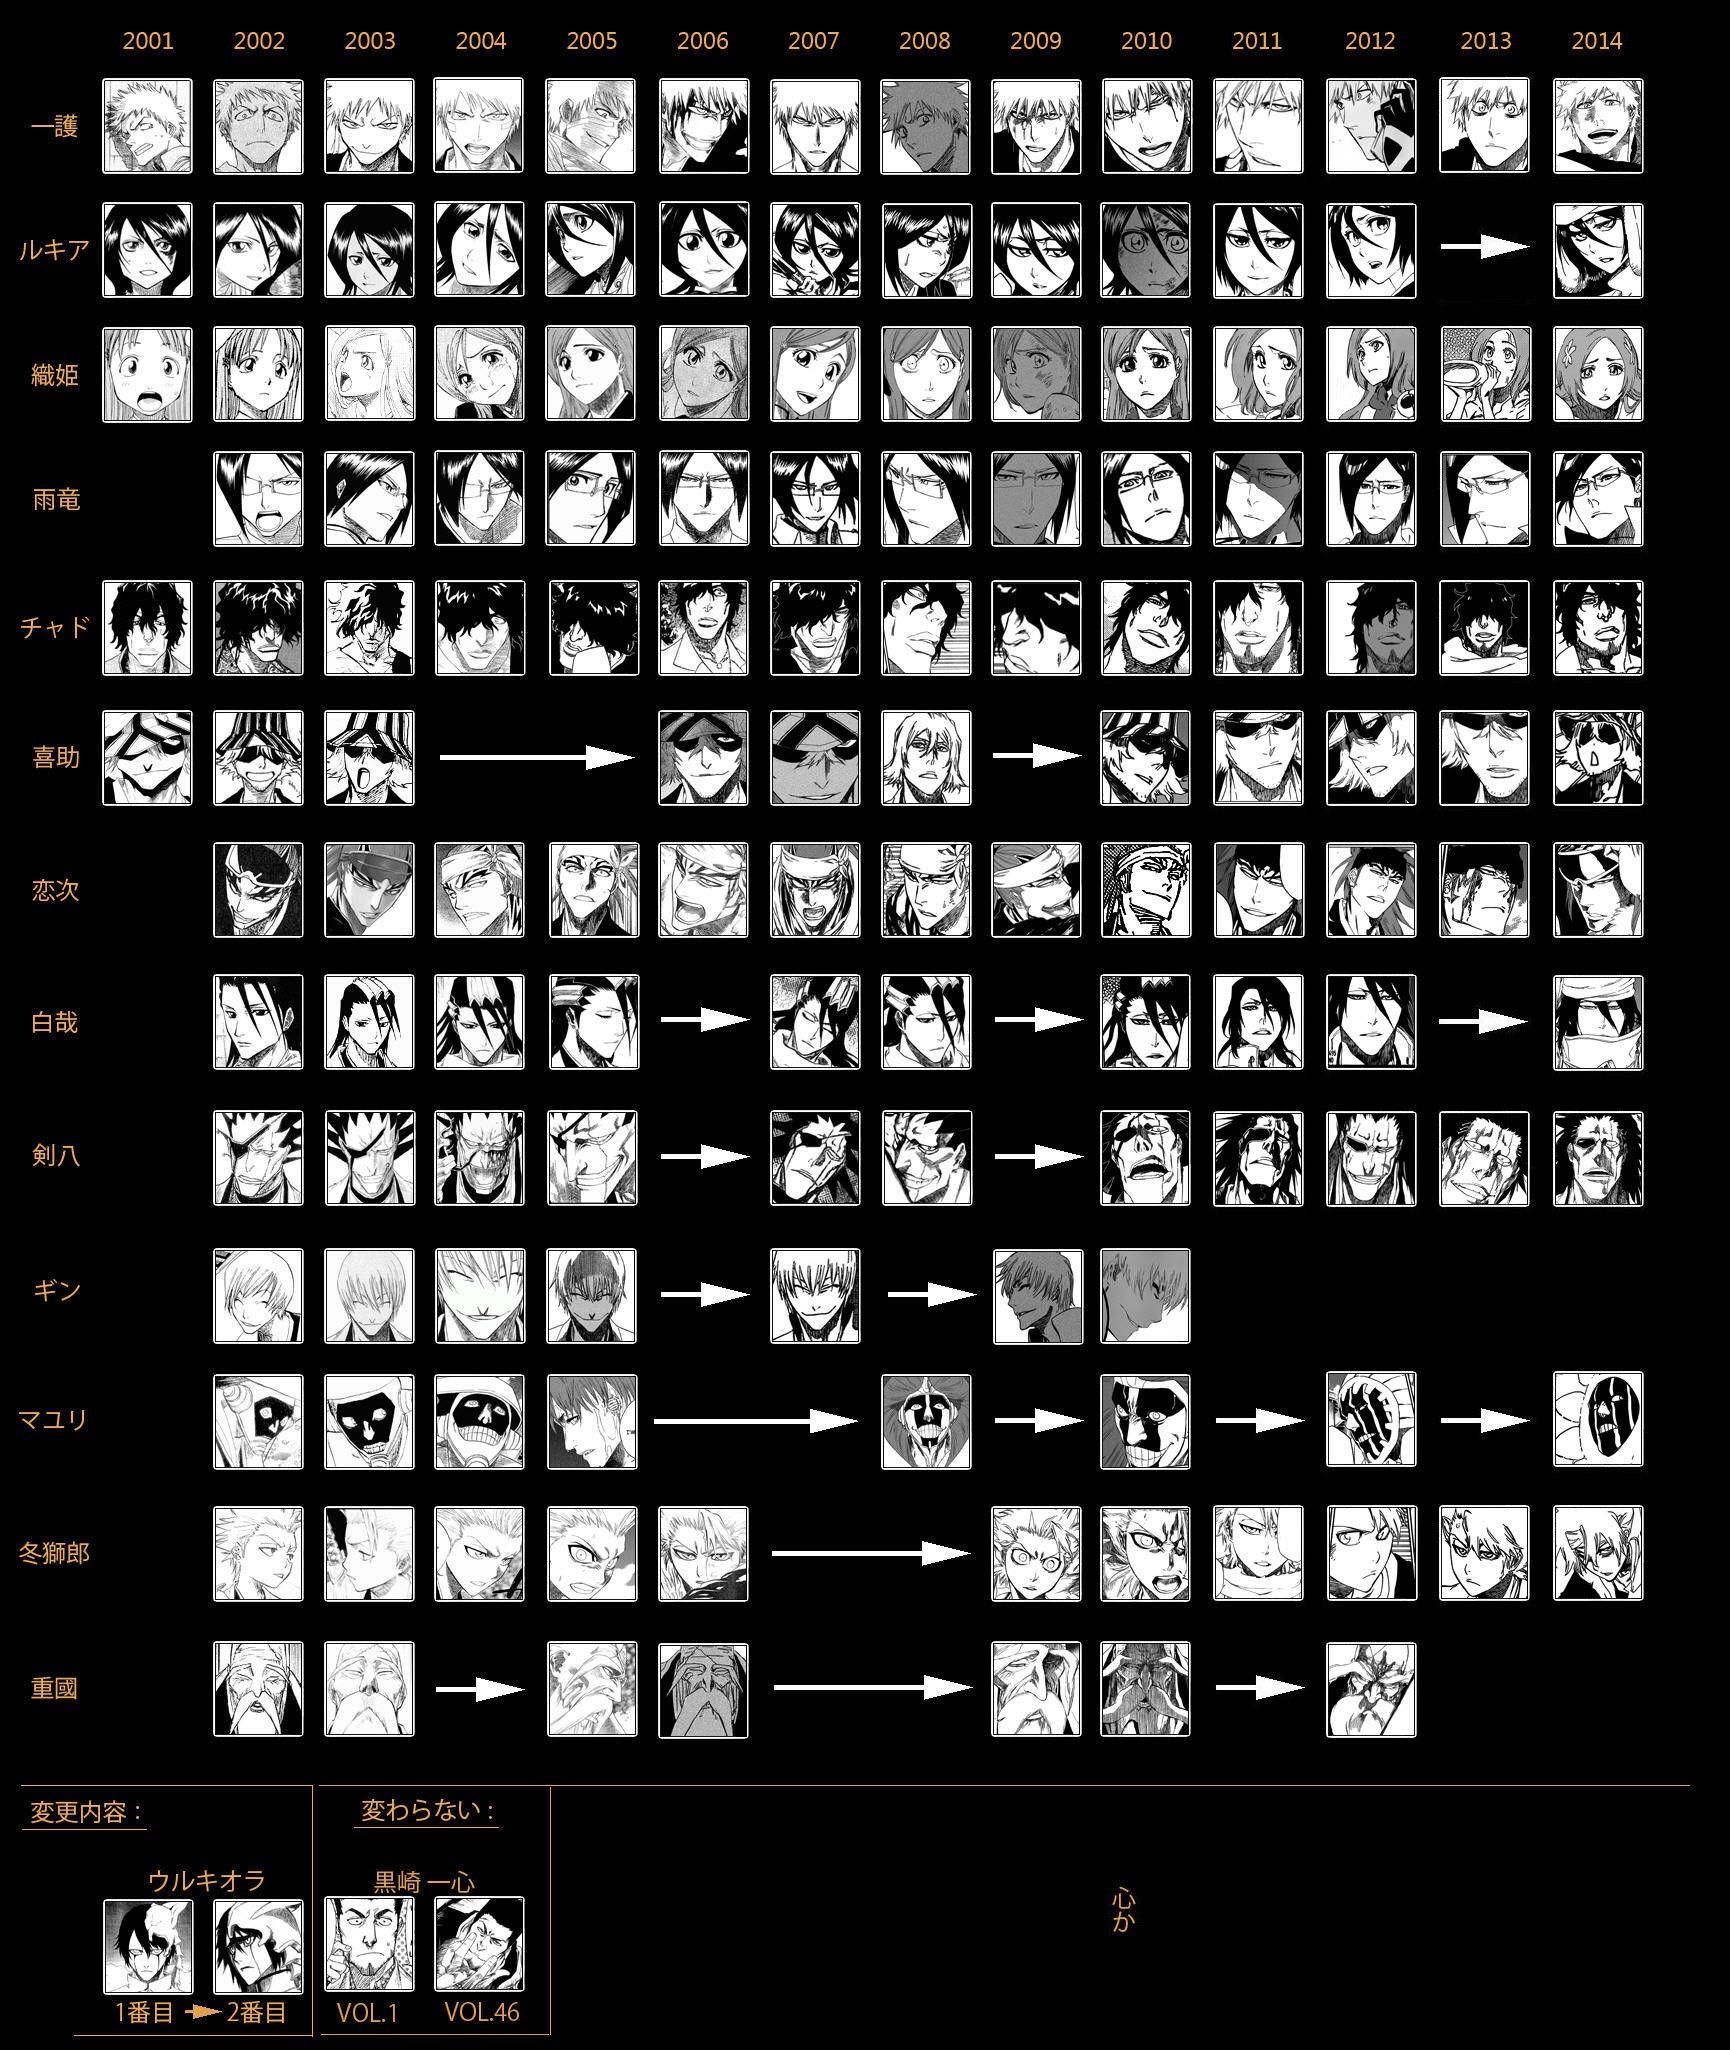 Bleach VSA Manga Evolution